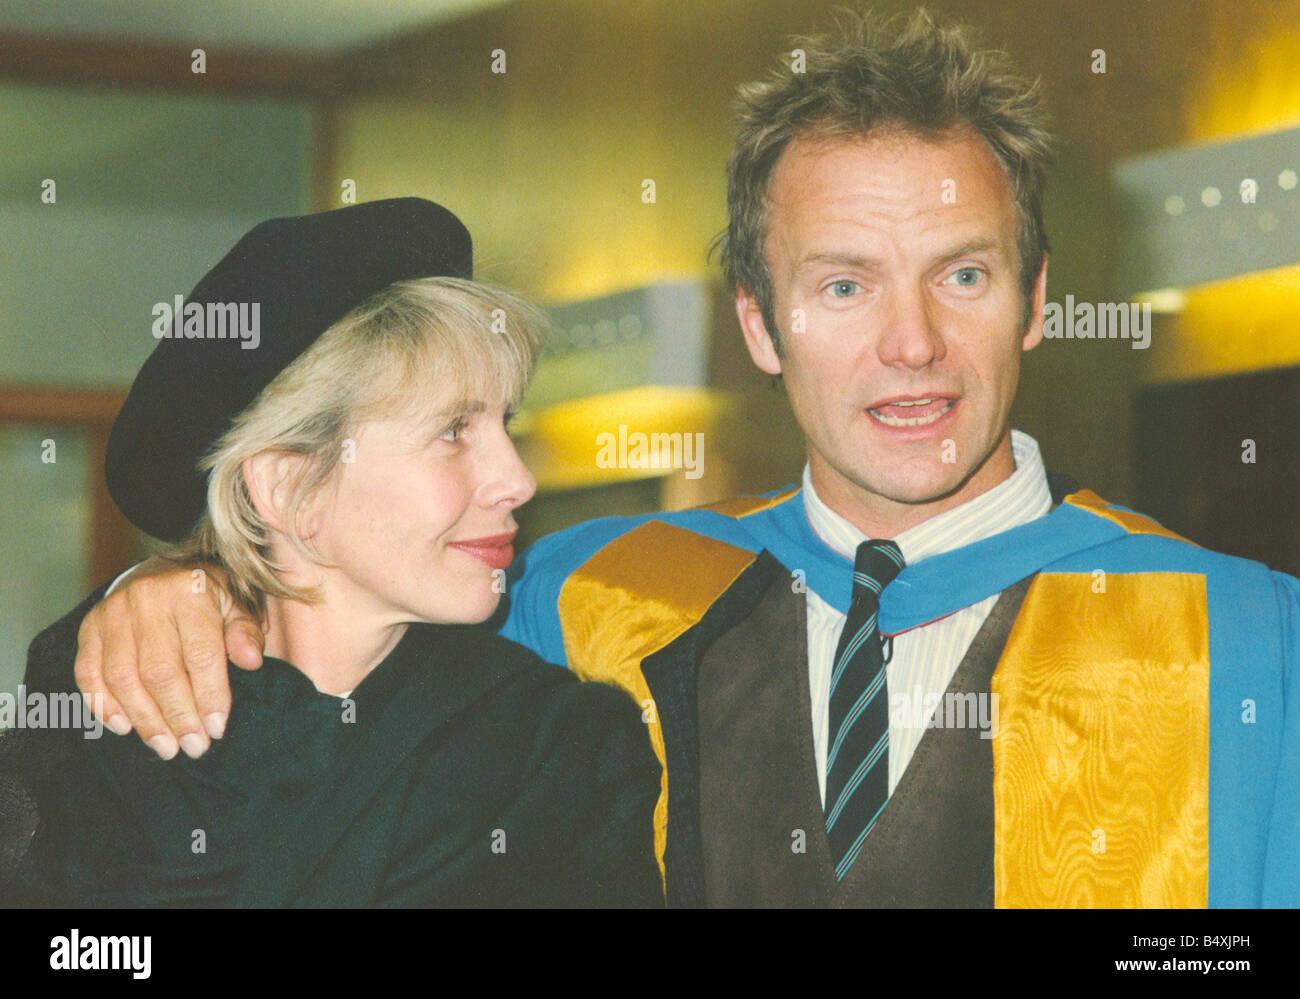 Lib cantautor Sting recibiendo su Doctorado Honorario de Música de la Universidad de Northumbria, por su contribución a las artes y su influencia en la ecología planetaria fotografiado con su esposa Trudie Styler, 13 de noviembre de 1992 Foto de stock